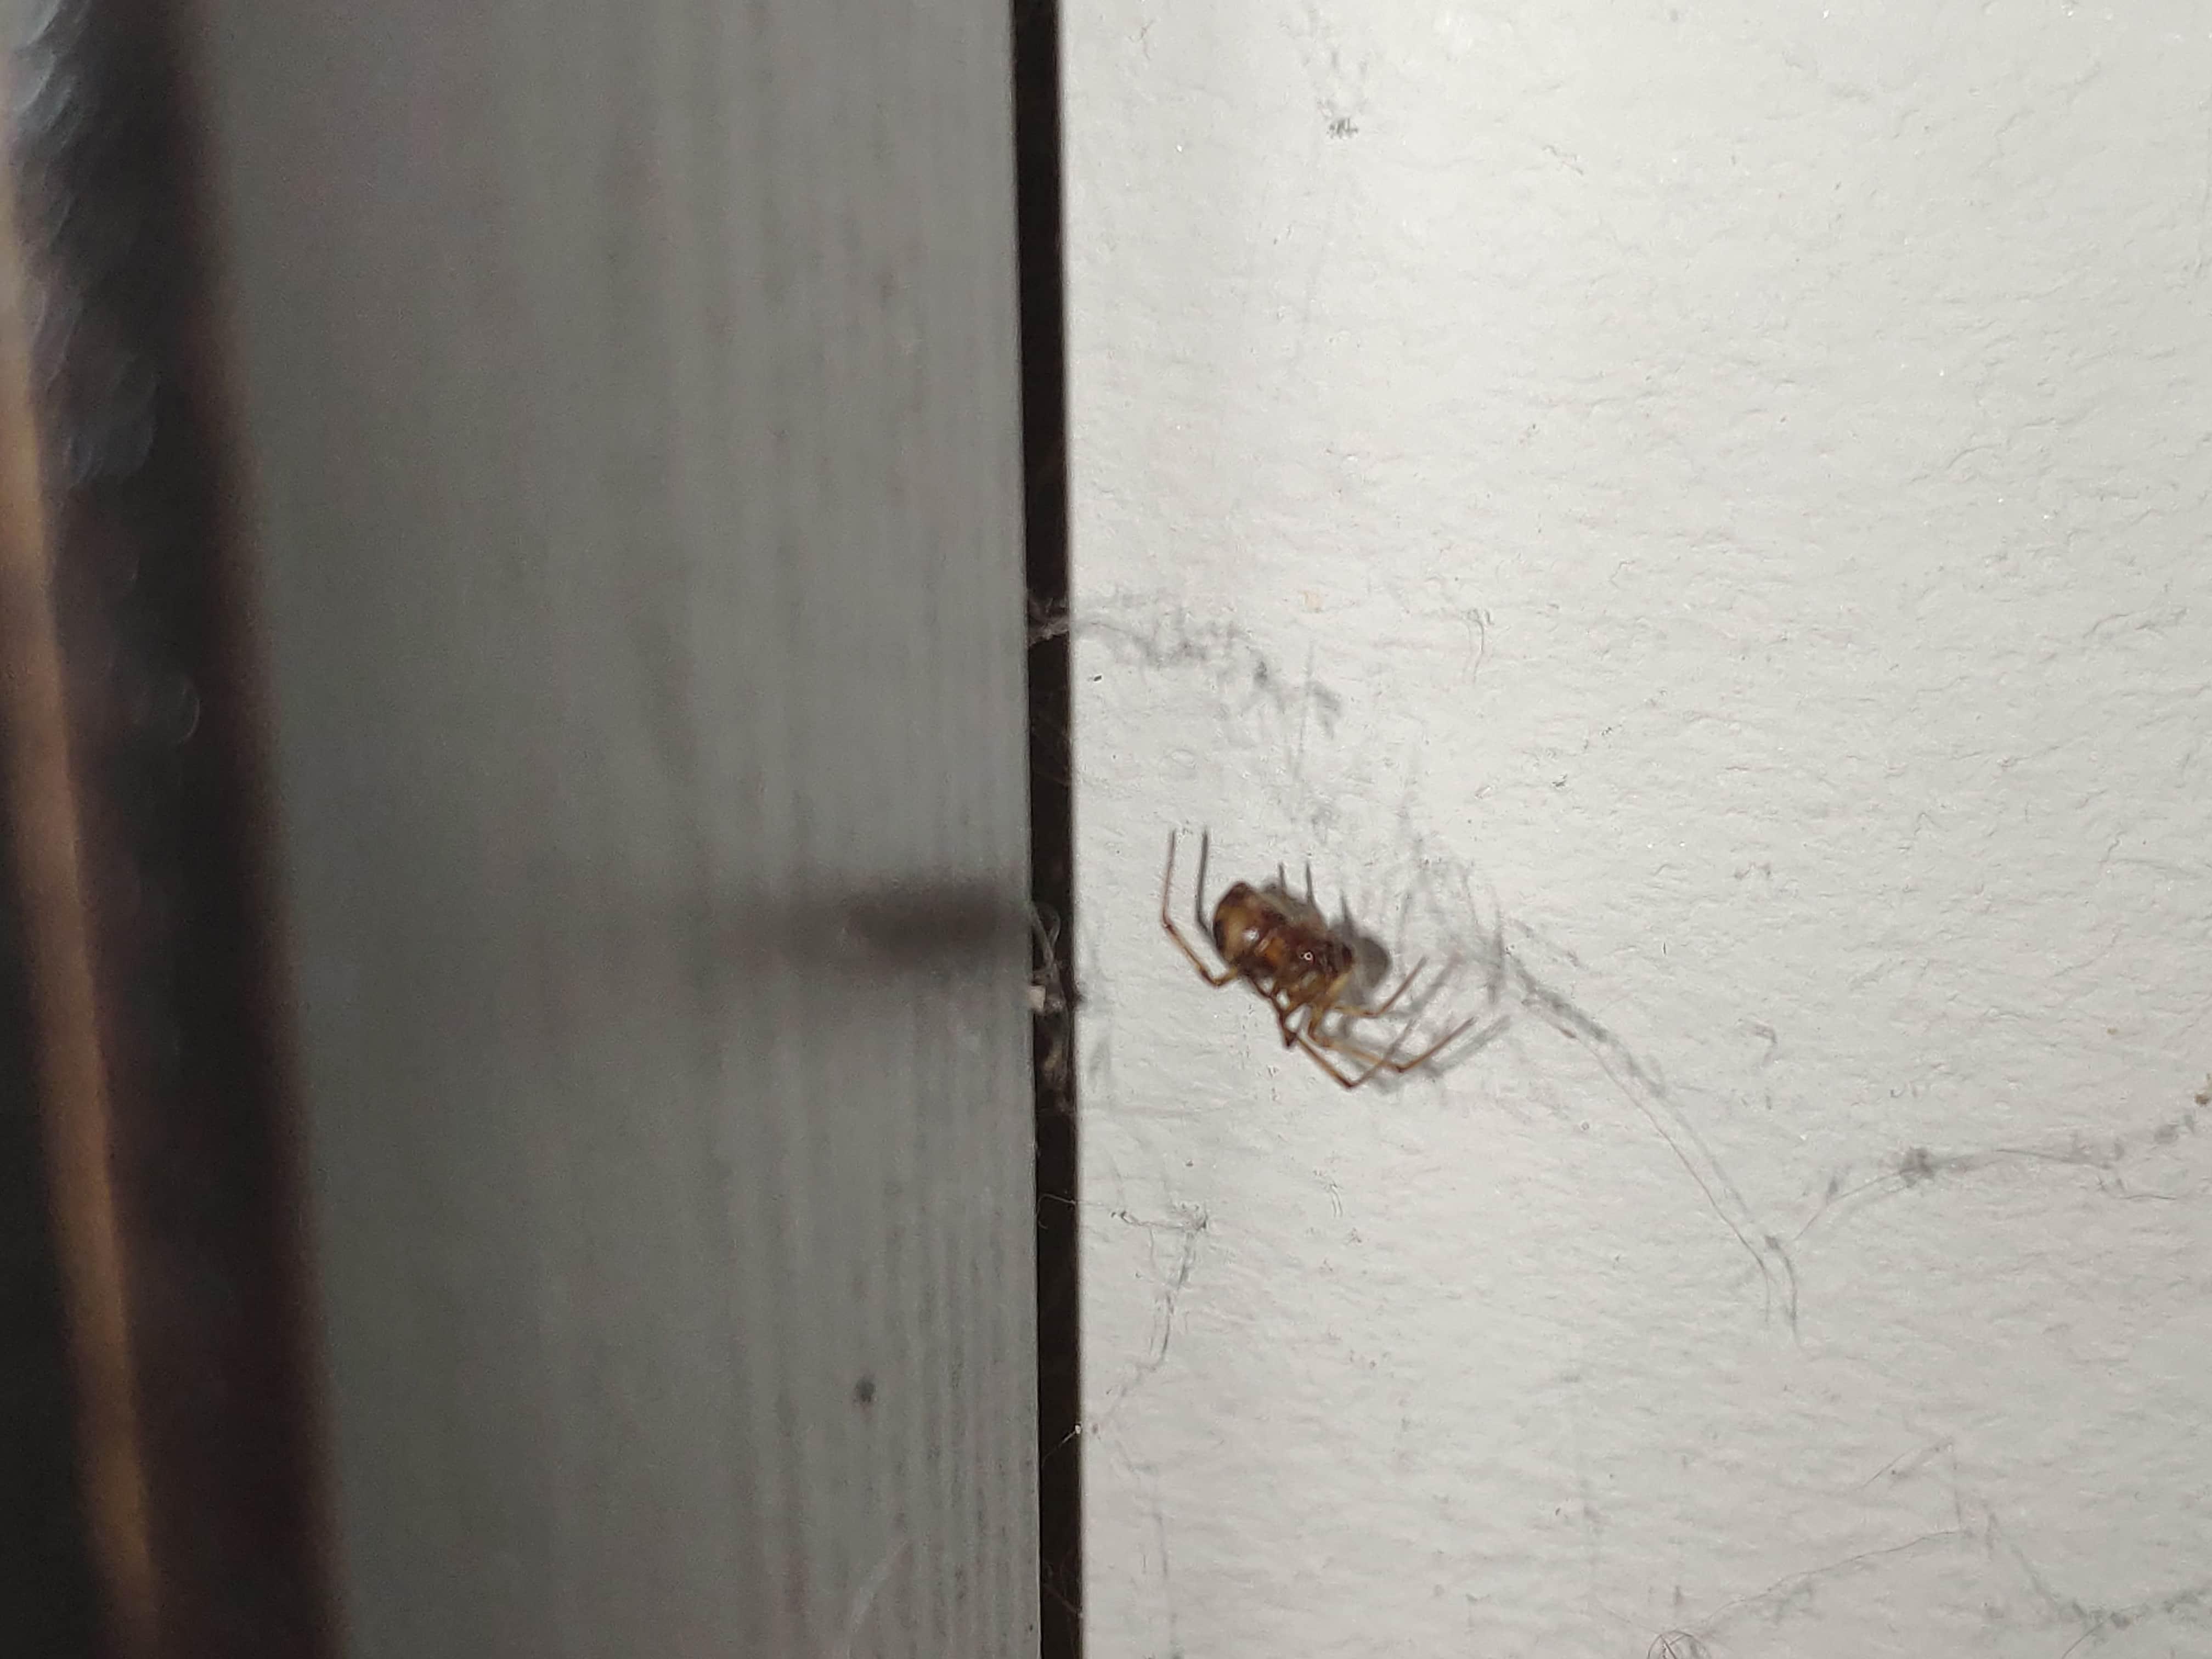 Picture of Steatoda triangulosa (Triangulate Cobweb Spider) - Lateral,Webs